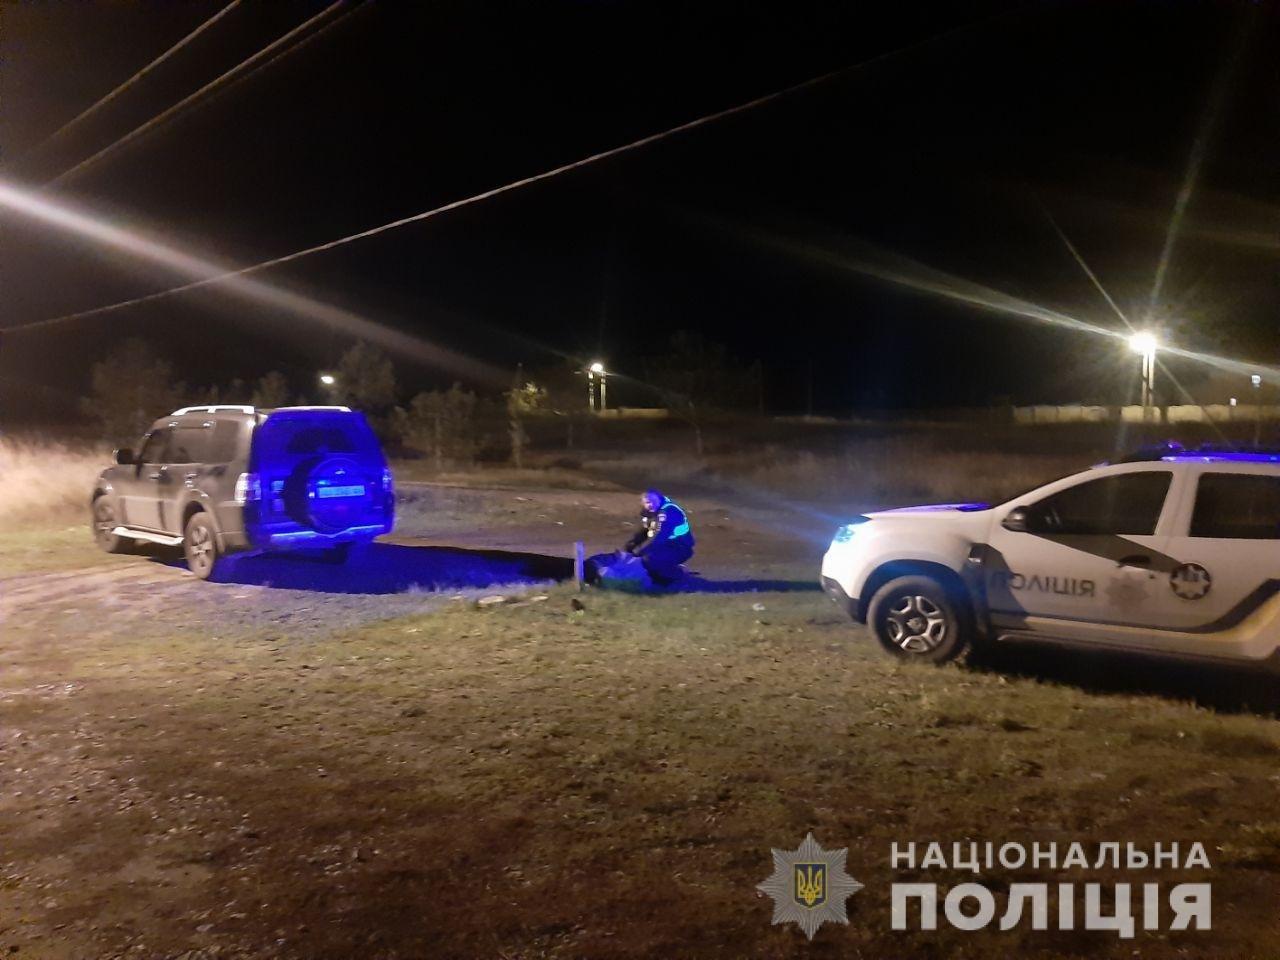 Нарушал ПДД и пытался ударить полицейского: на Харьковщине задержали пьяного водителя, - ФОТО, фото-1